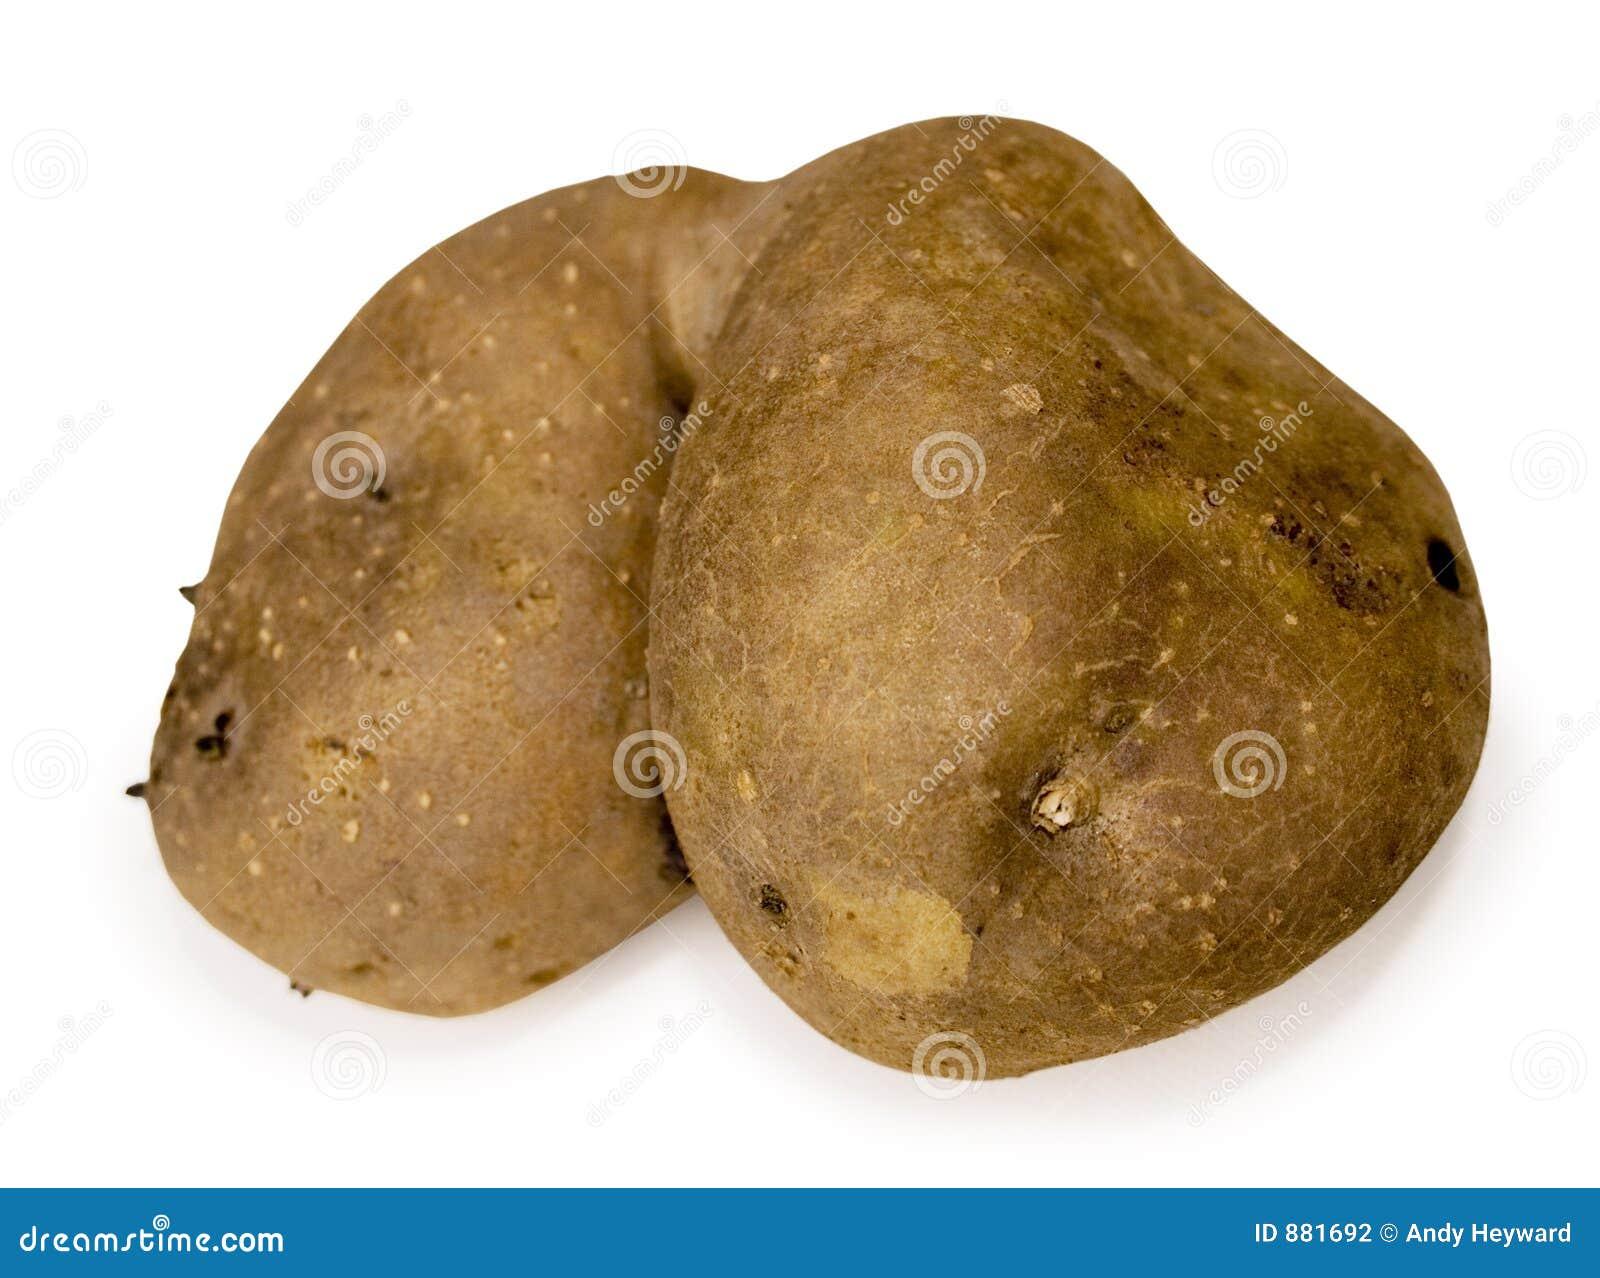 To jego przyjaciele tyłka ziemniak spud